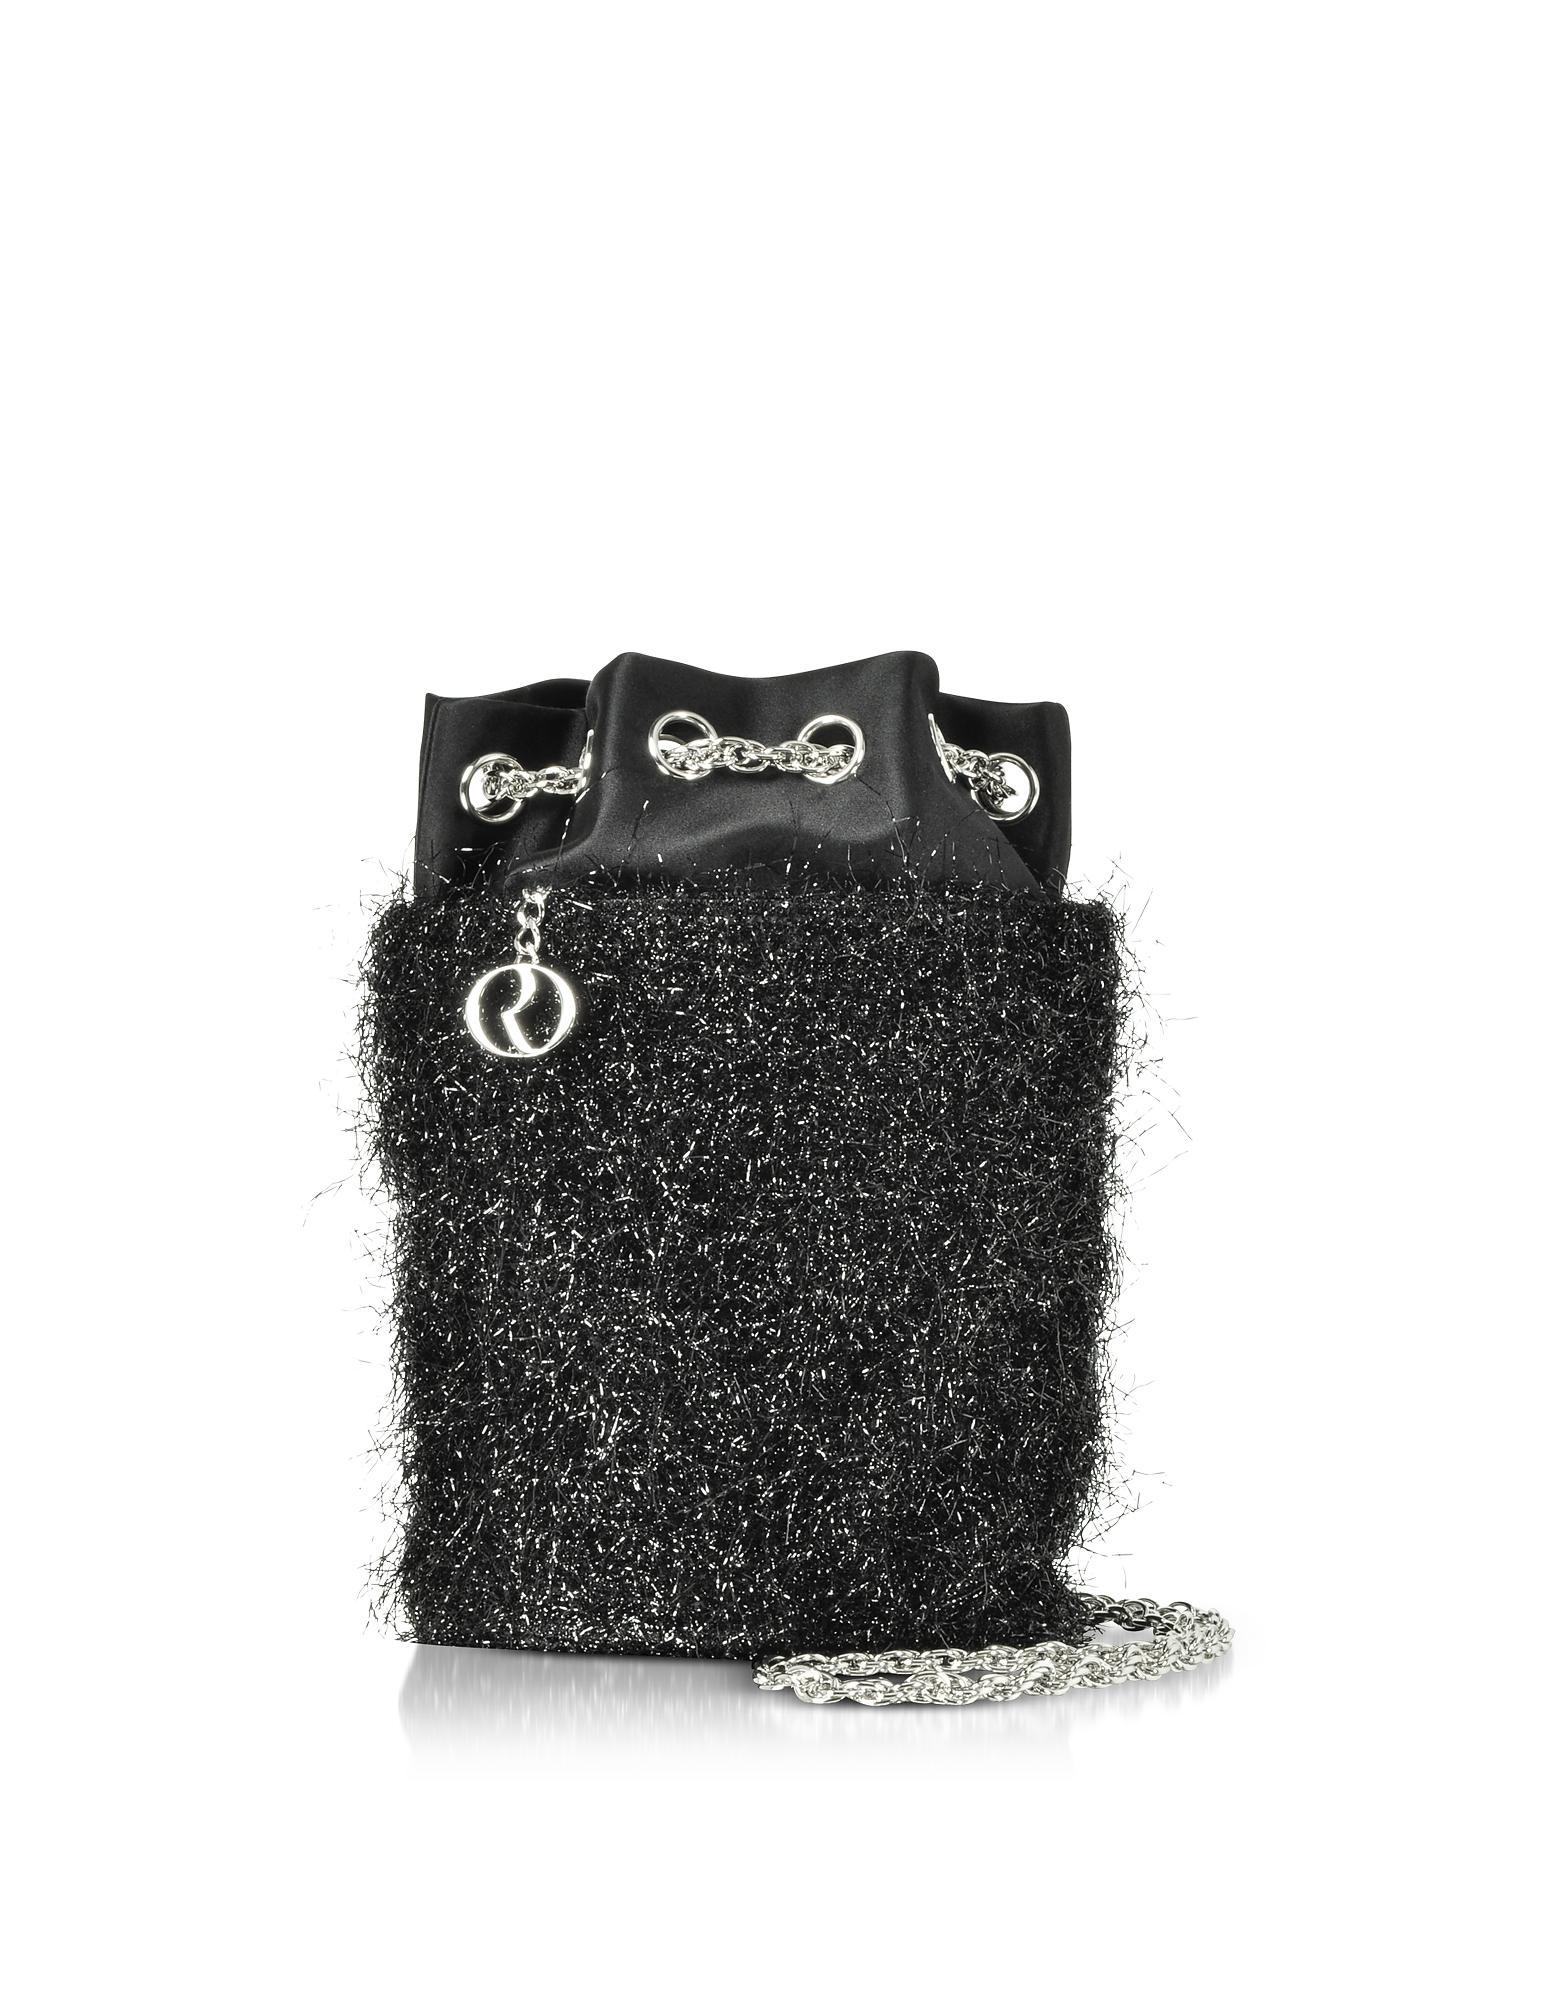 Black Lurex Bucket Bag w/Chain Strap